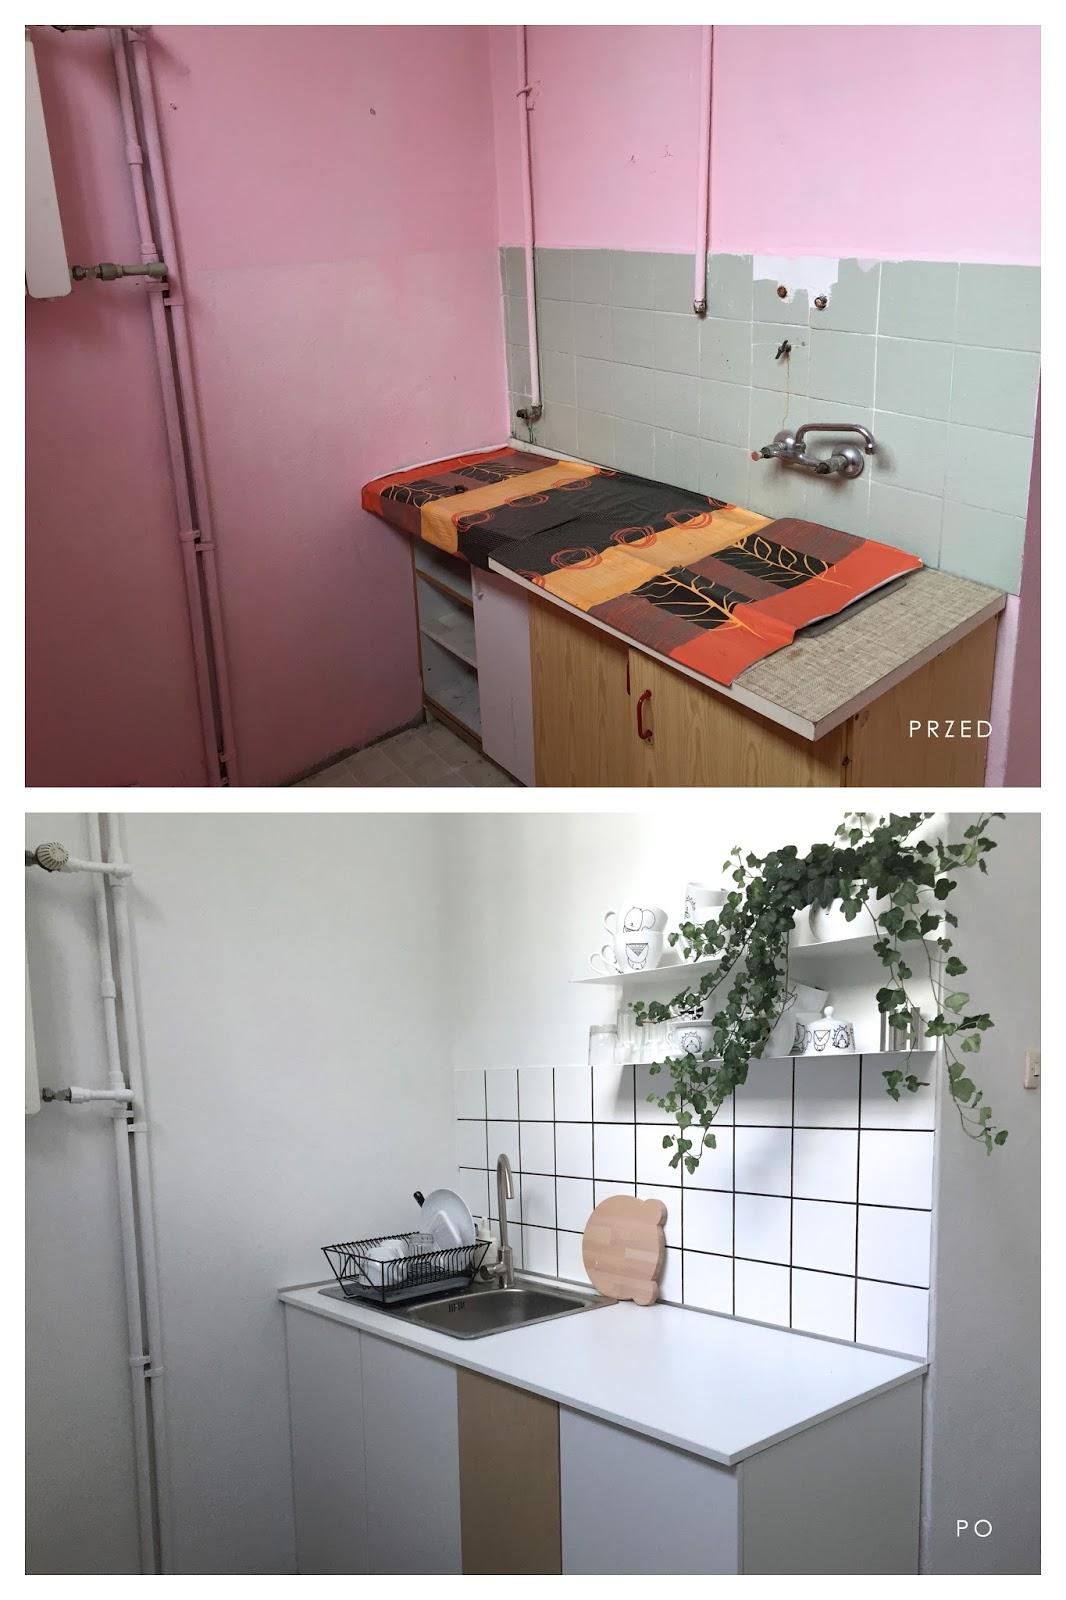 Remont Krok 2 Kuchnia I łazienka Blog Forrest Design